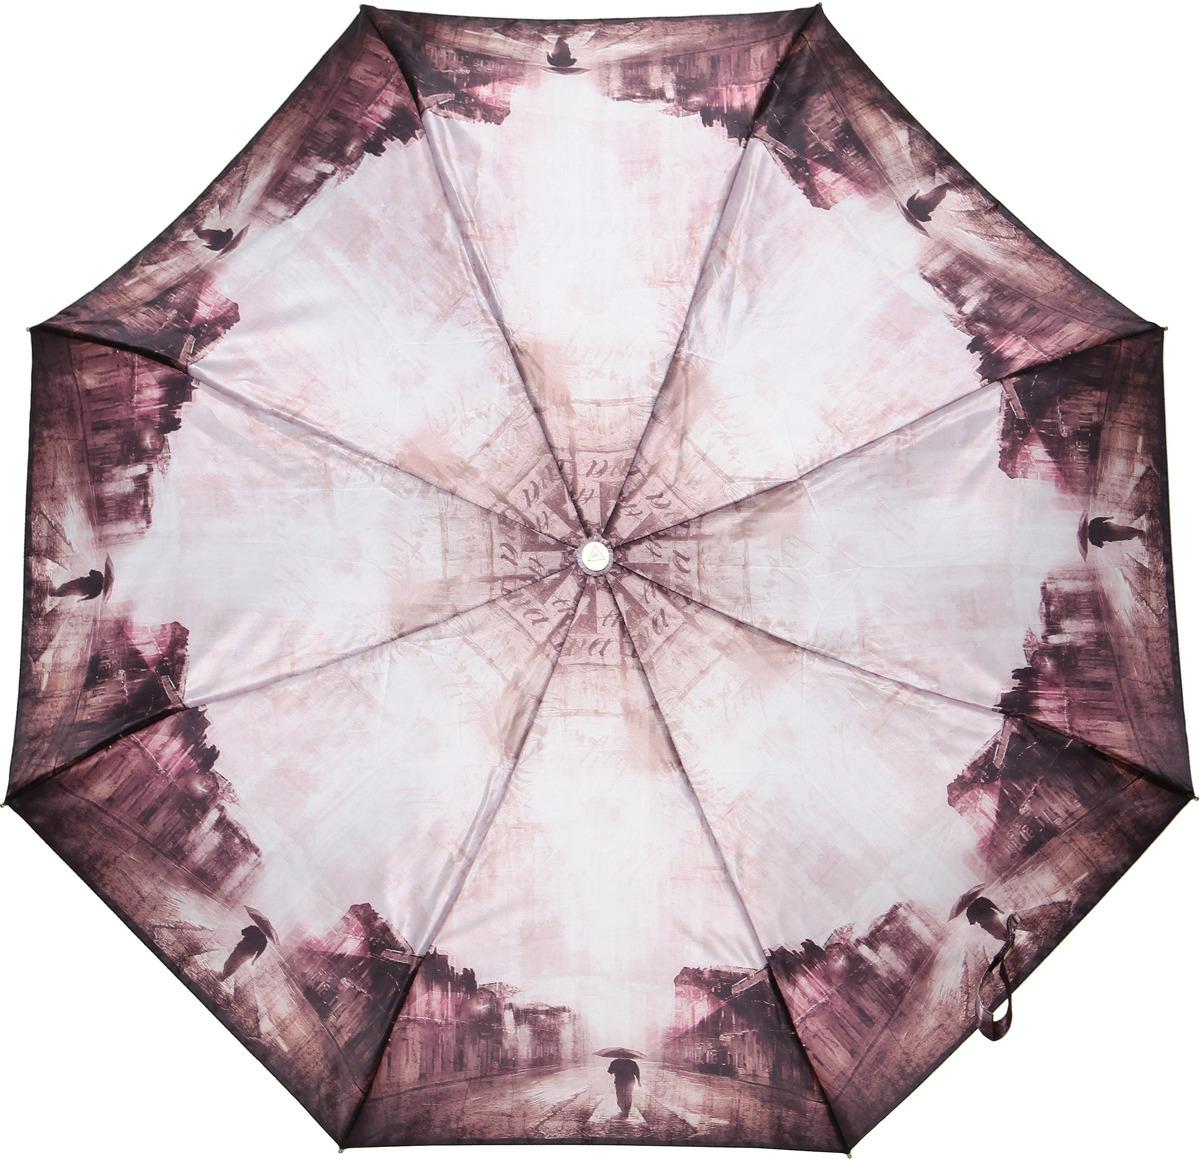 Зонт женский Fabretti, суперавтомат, 3 сложения, цвет: розовый. L-18115-9